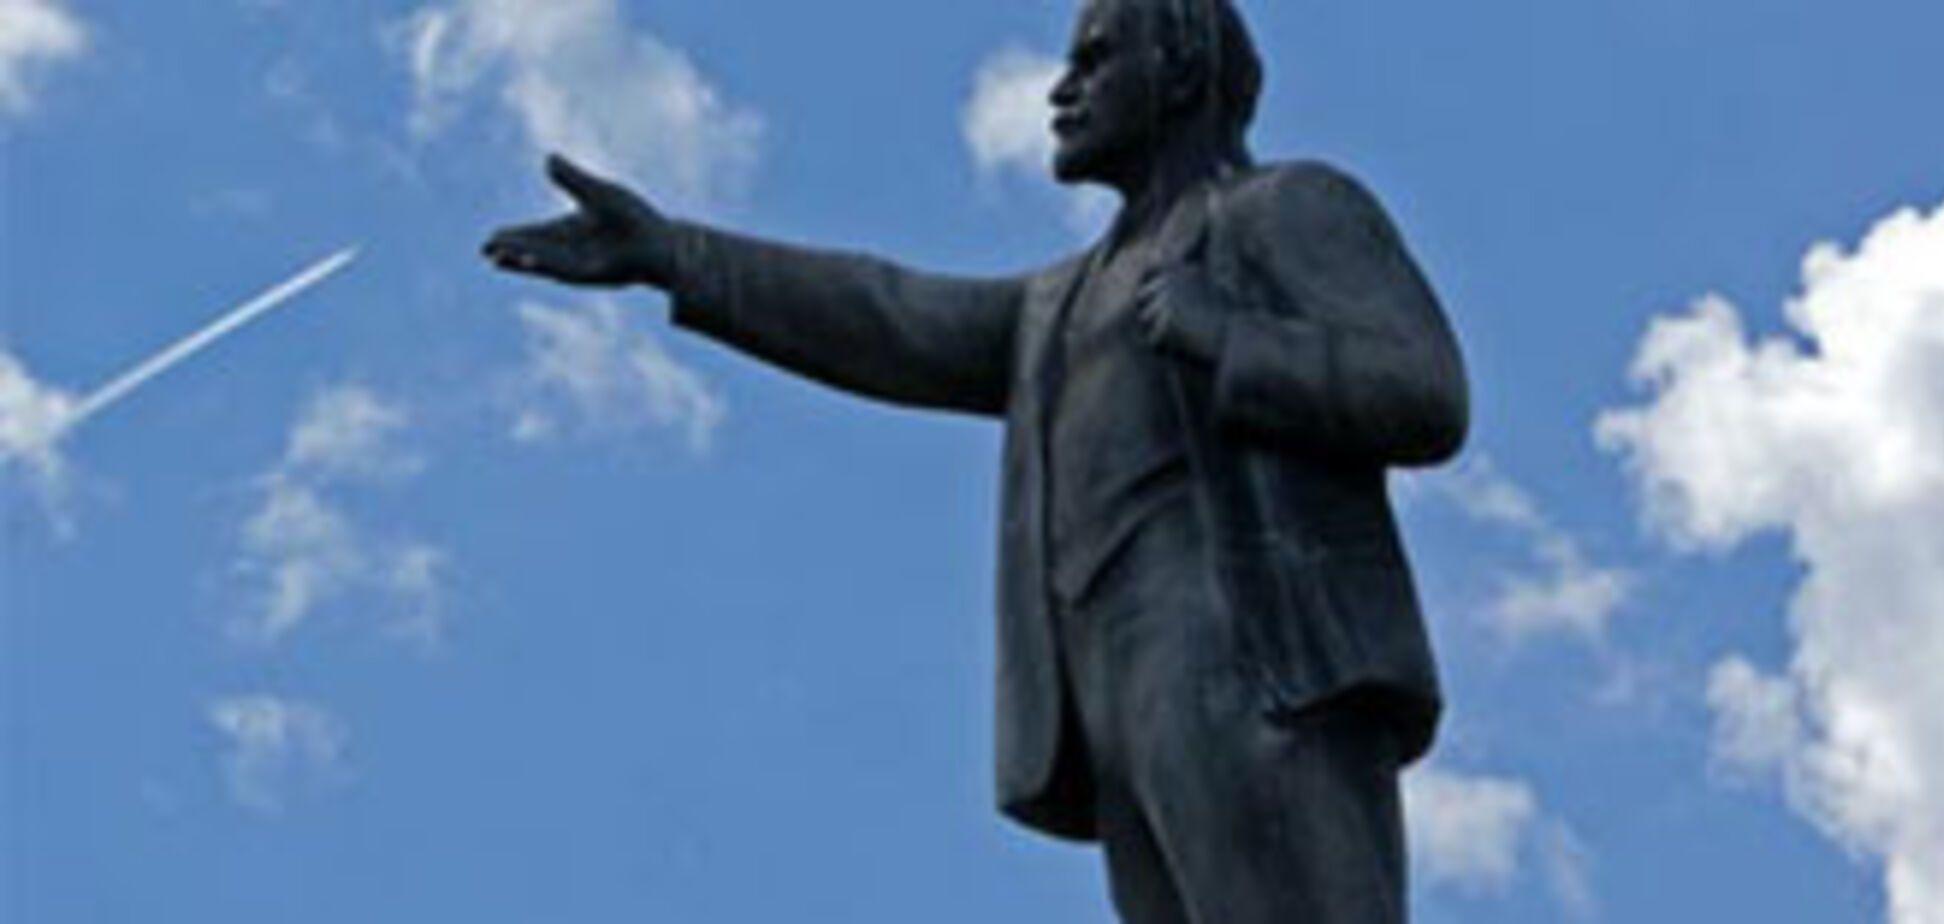 Парень разбился насмерть, спрыгнув с памятника Ленину